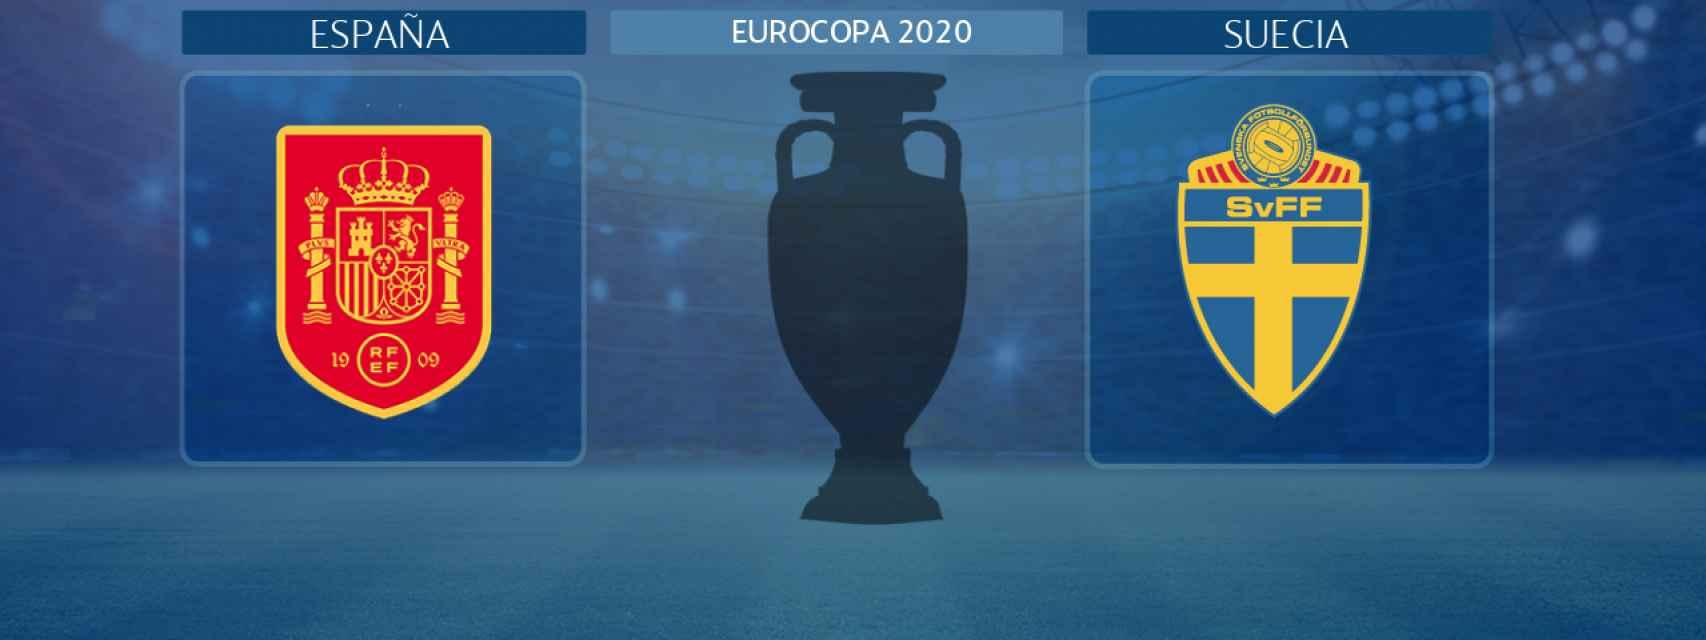 España - Suecia, partido de la Eurocopa 2020